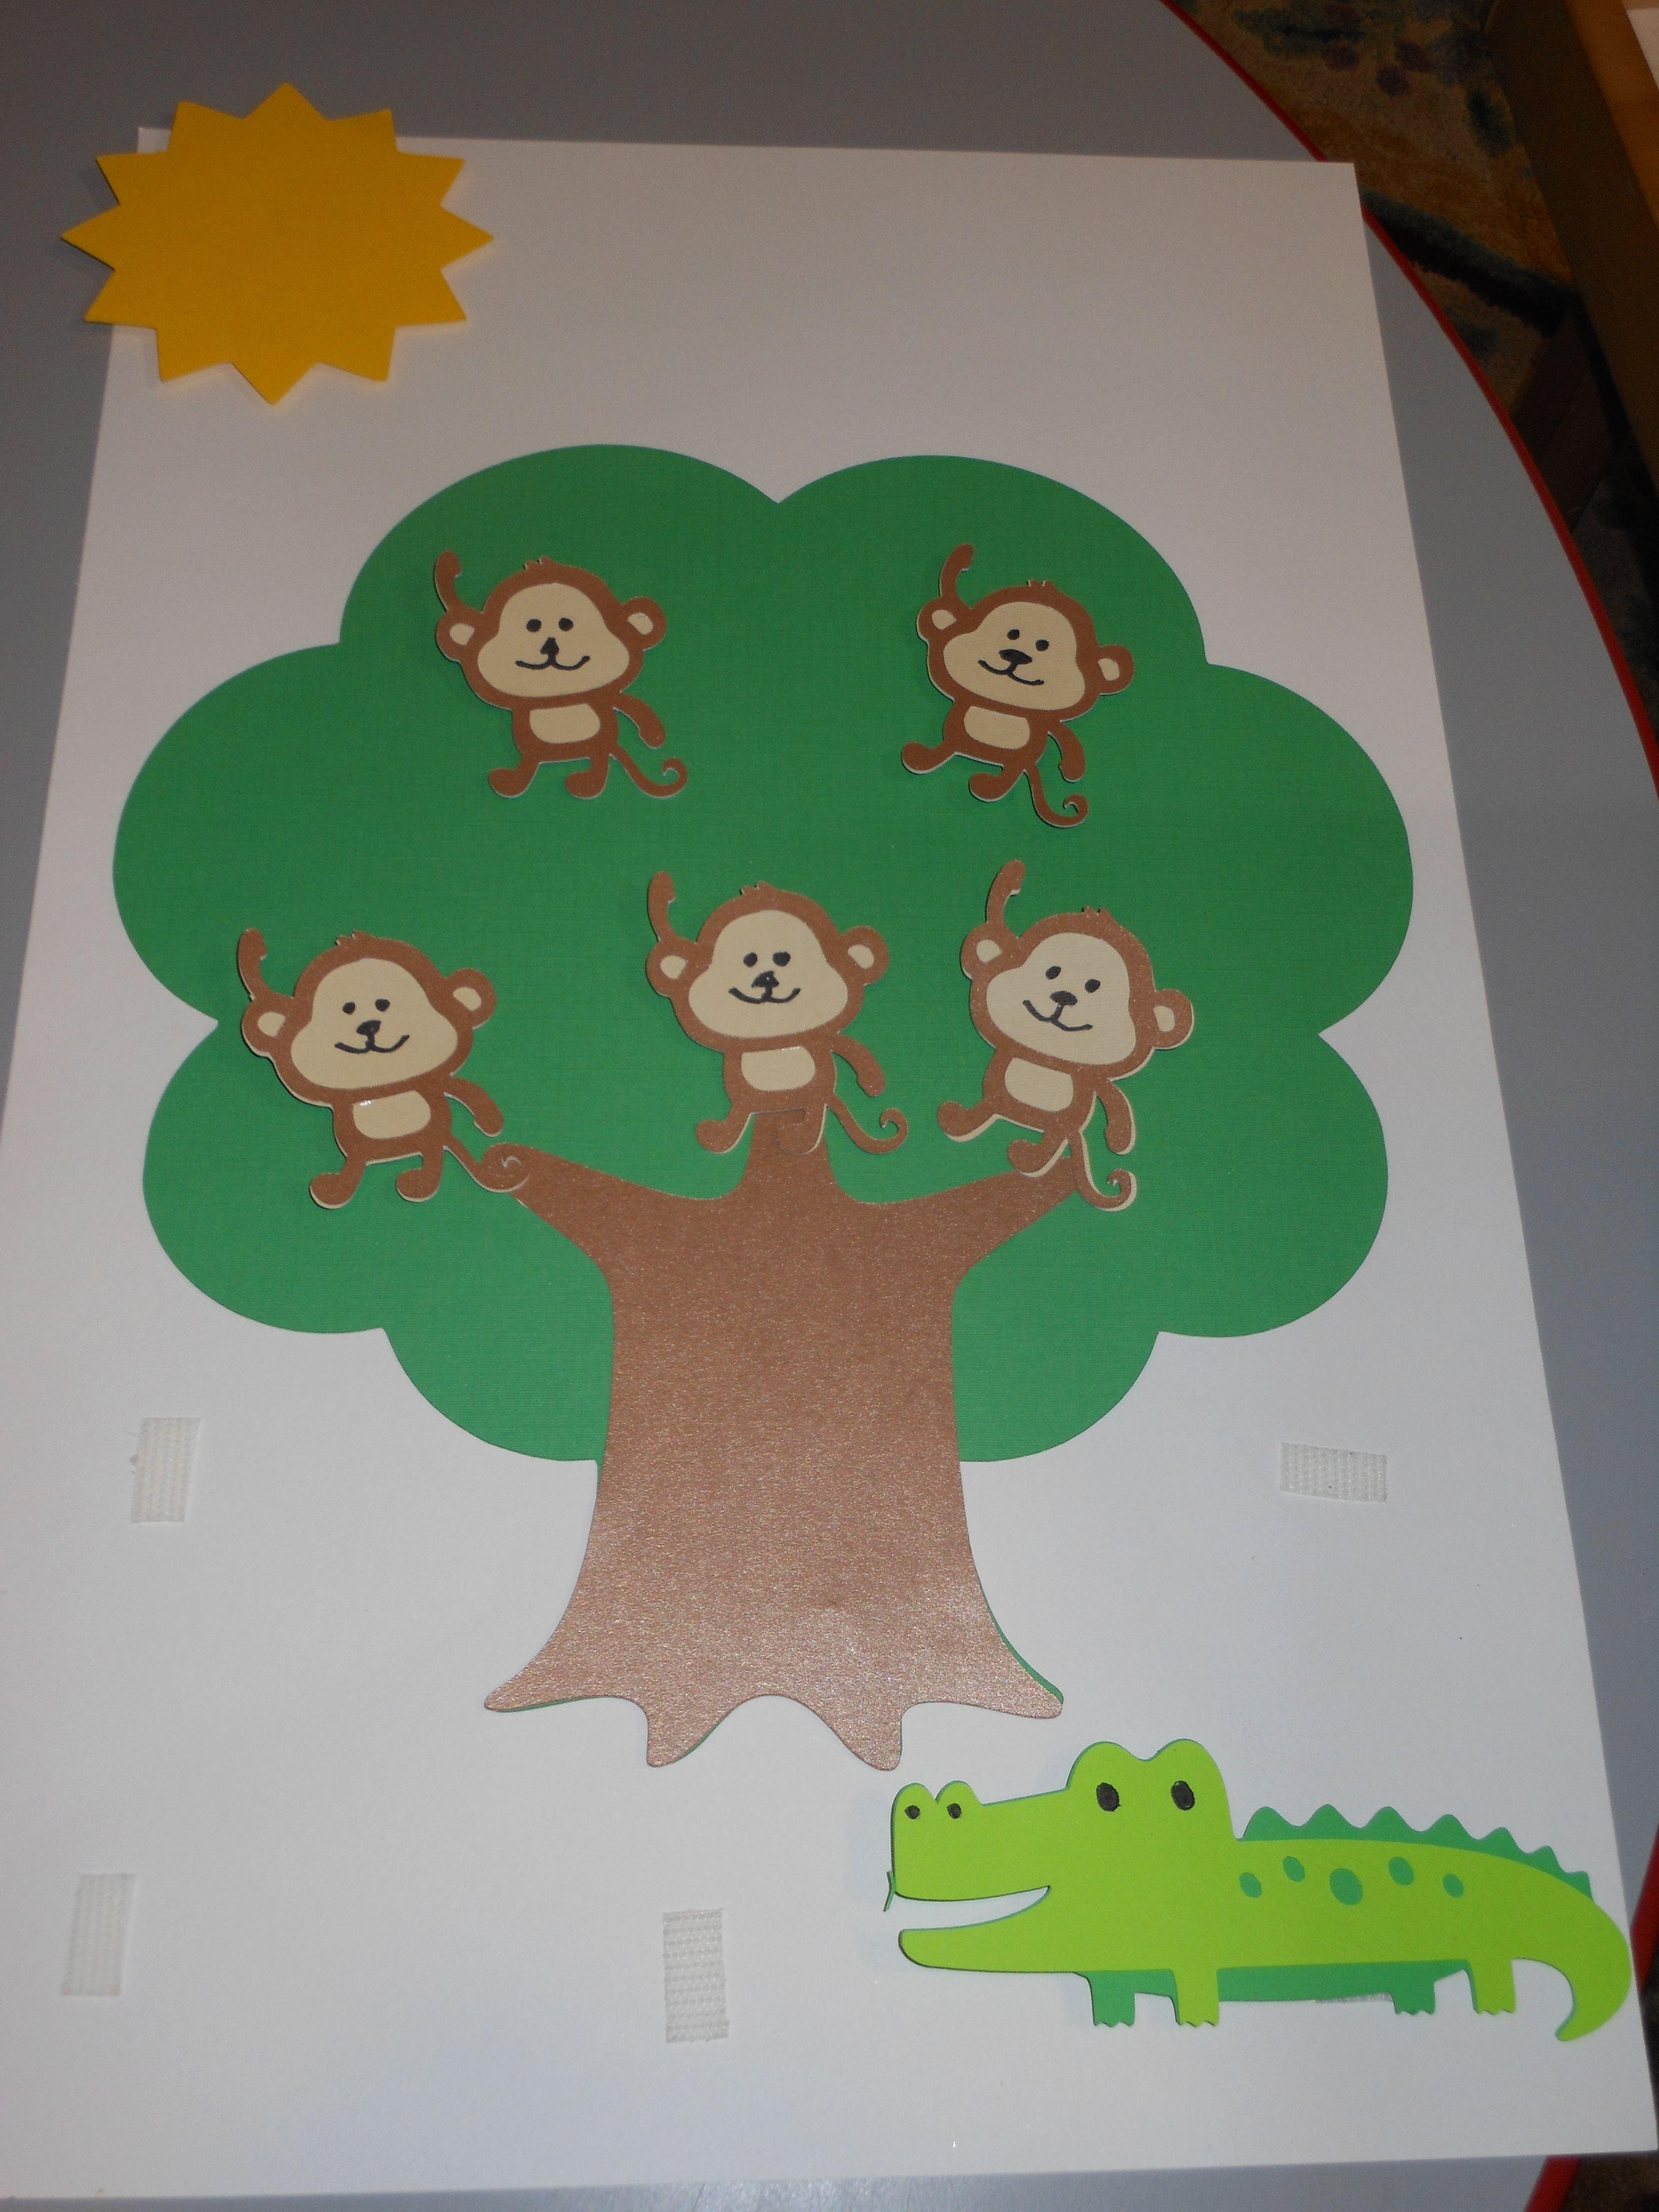 5 Little Monkeys Sitting In The Tree